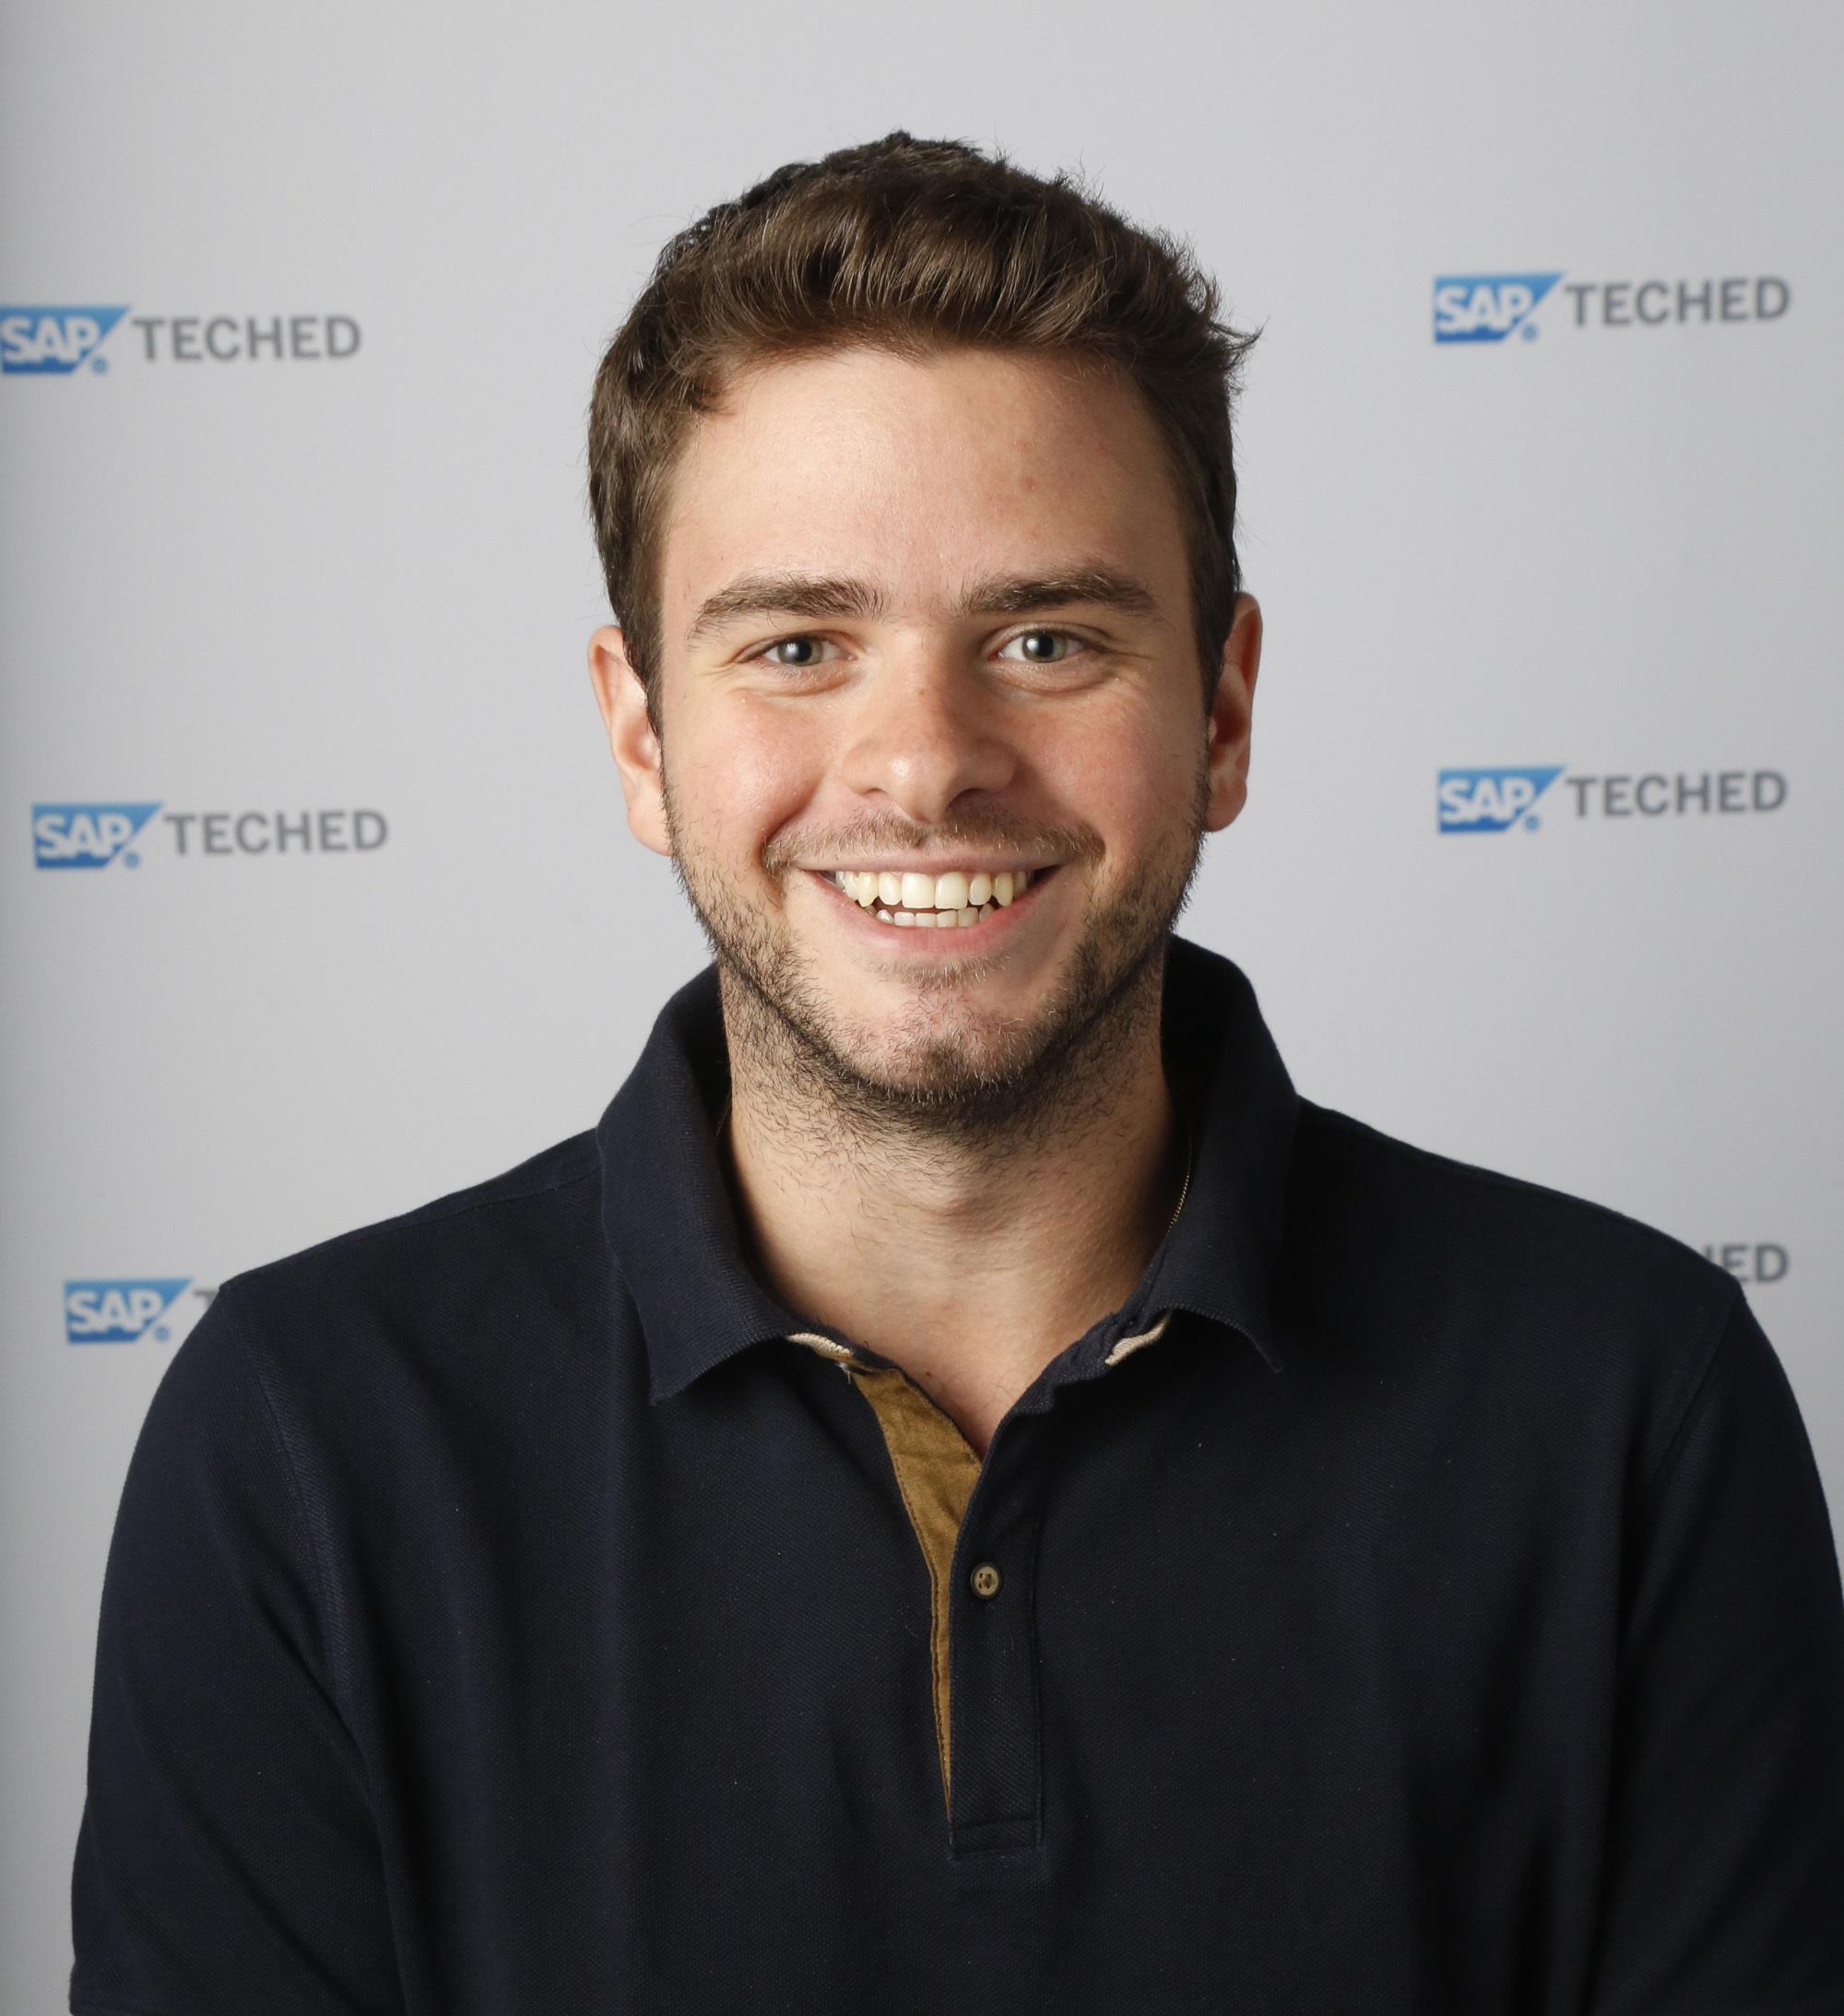 Matthieu Angel - Avelon product expert